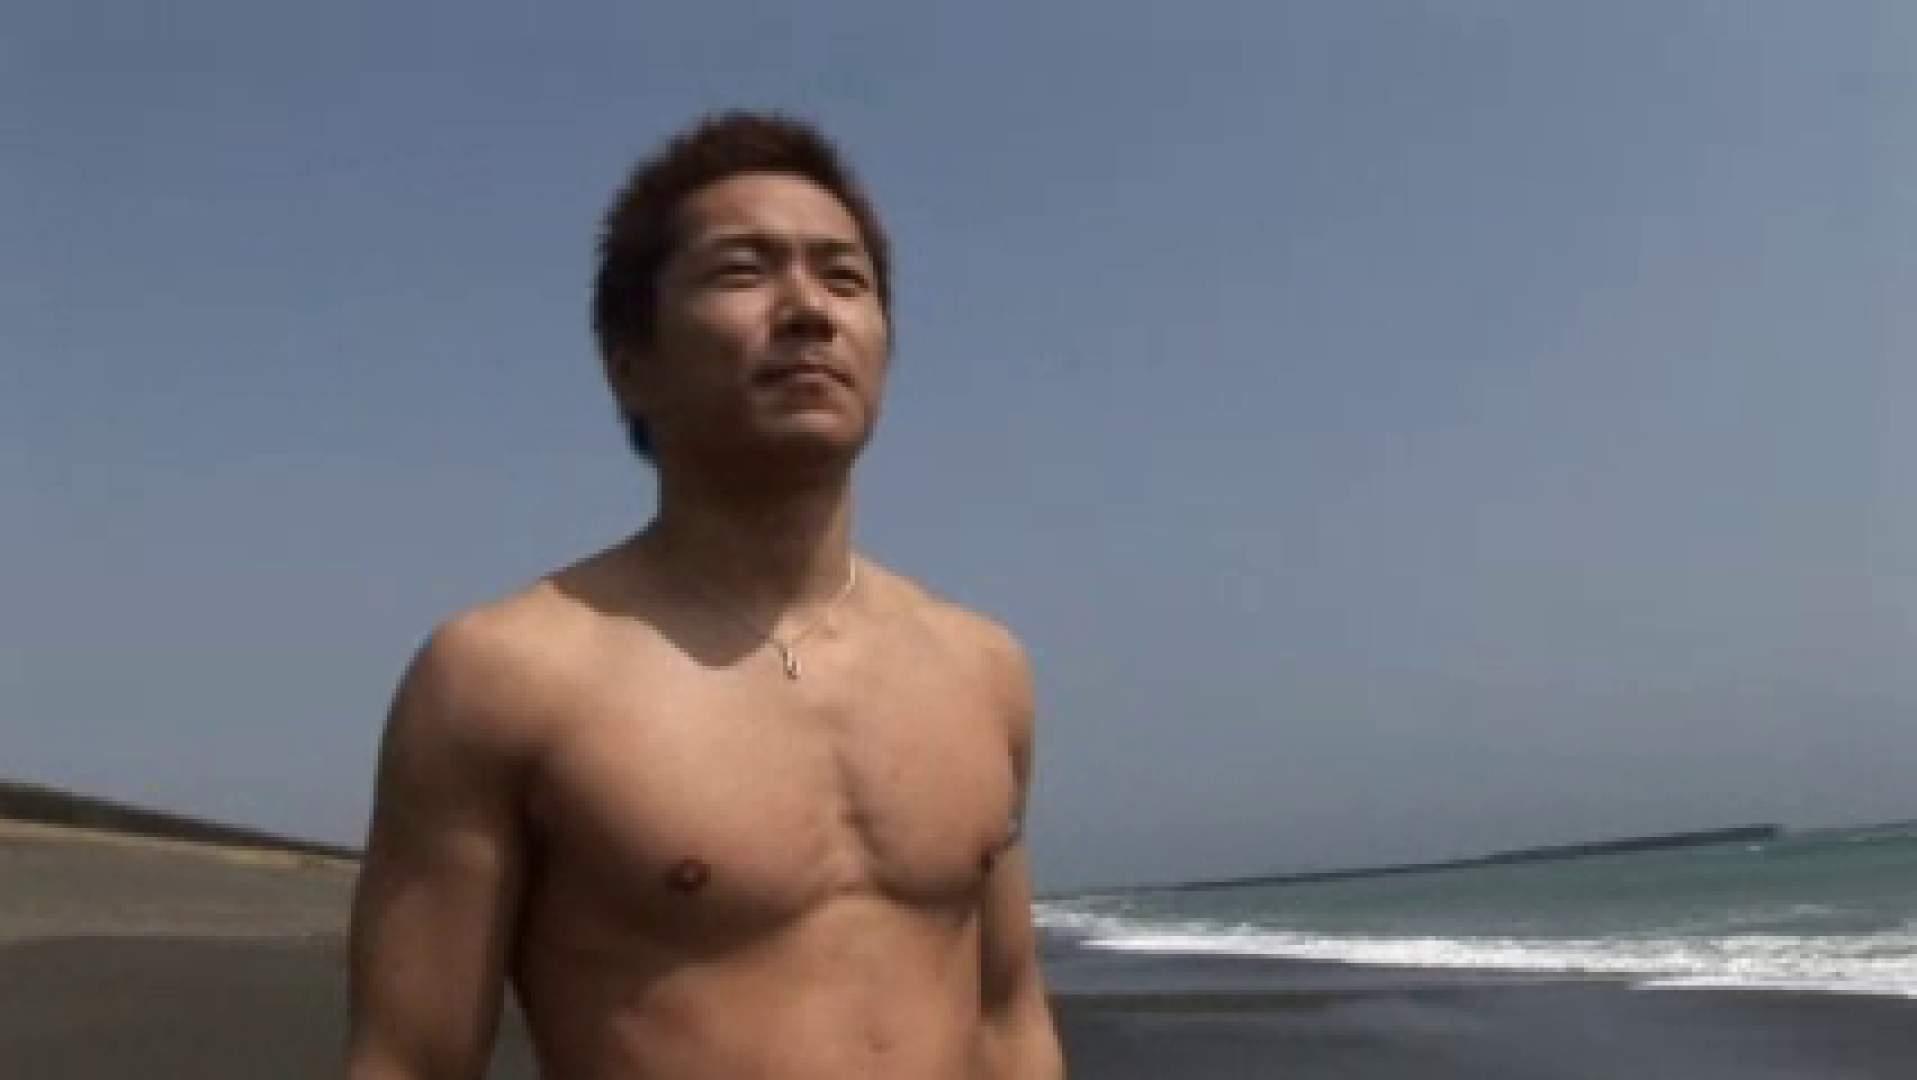 イケメン!!炸裂 Muscle  Stick!! その1 イケメンパラダイス ゲイ無修正ビデオ画像 58pic 3